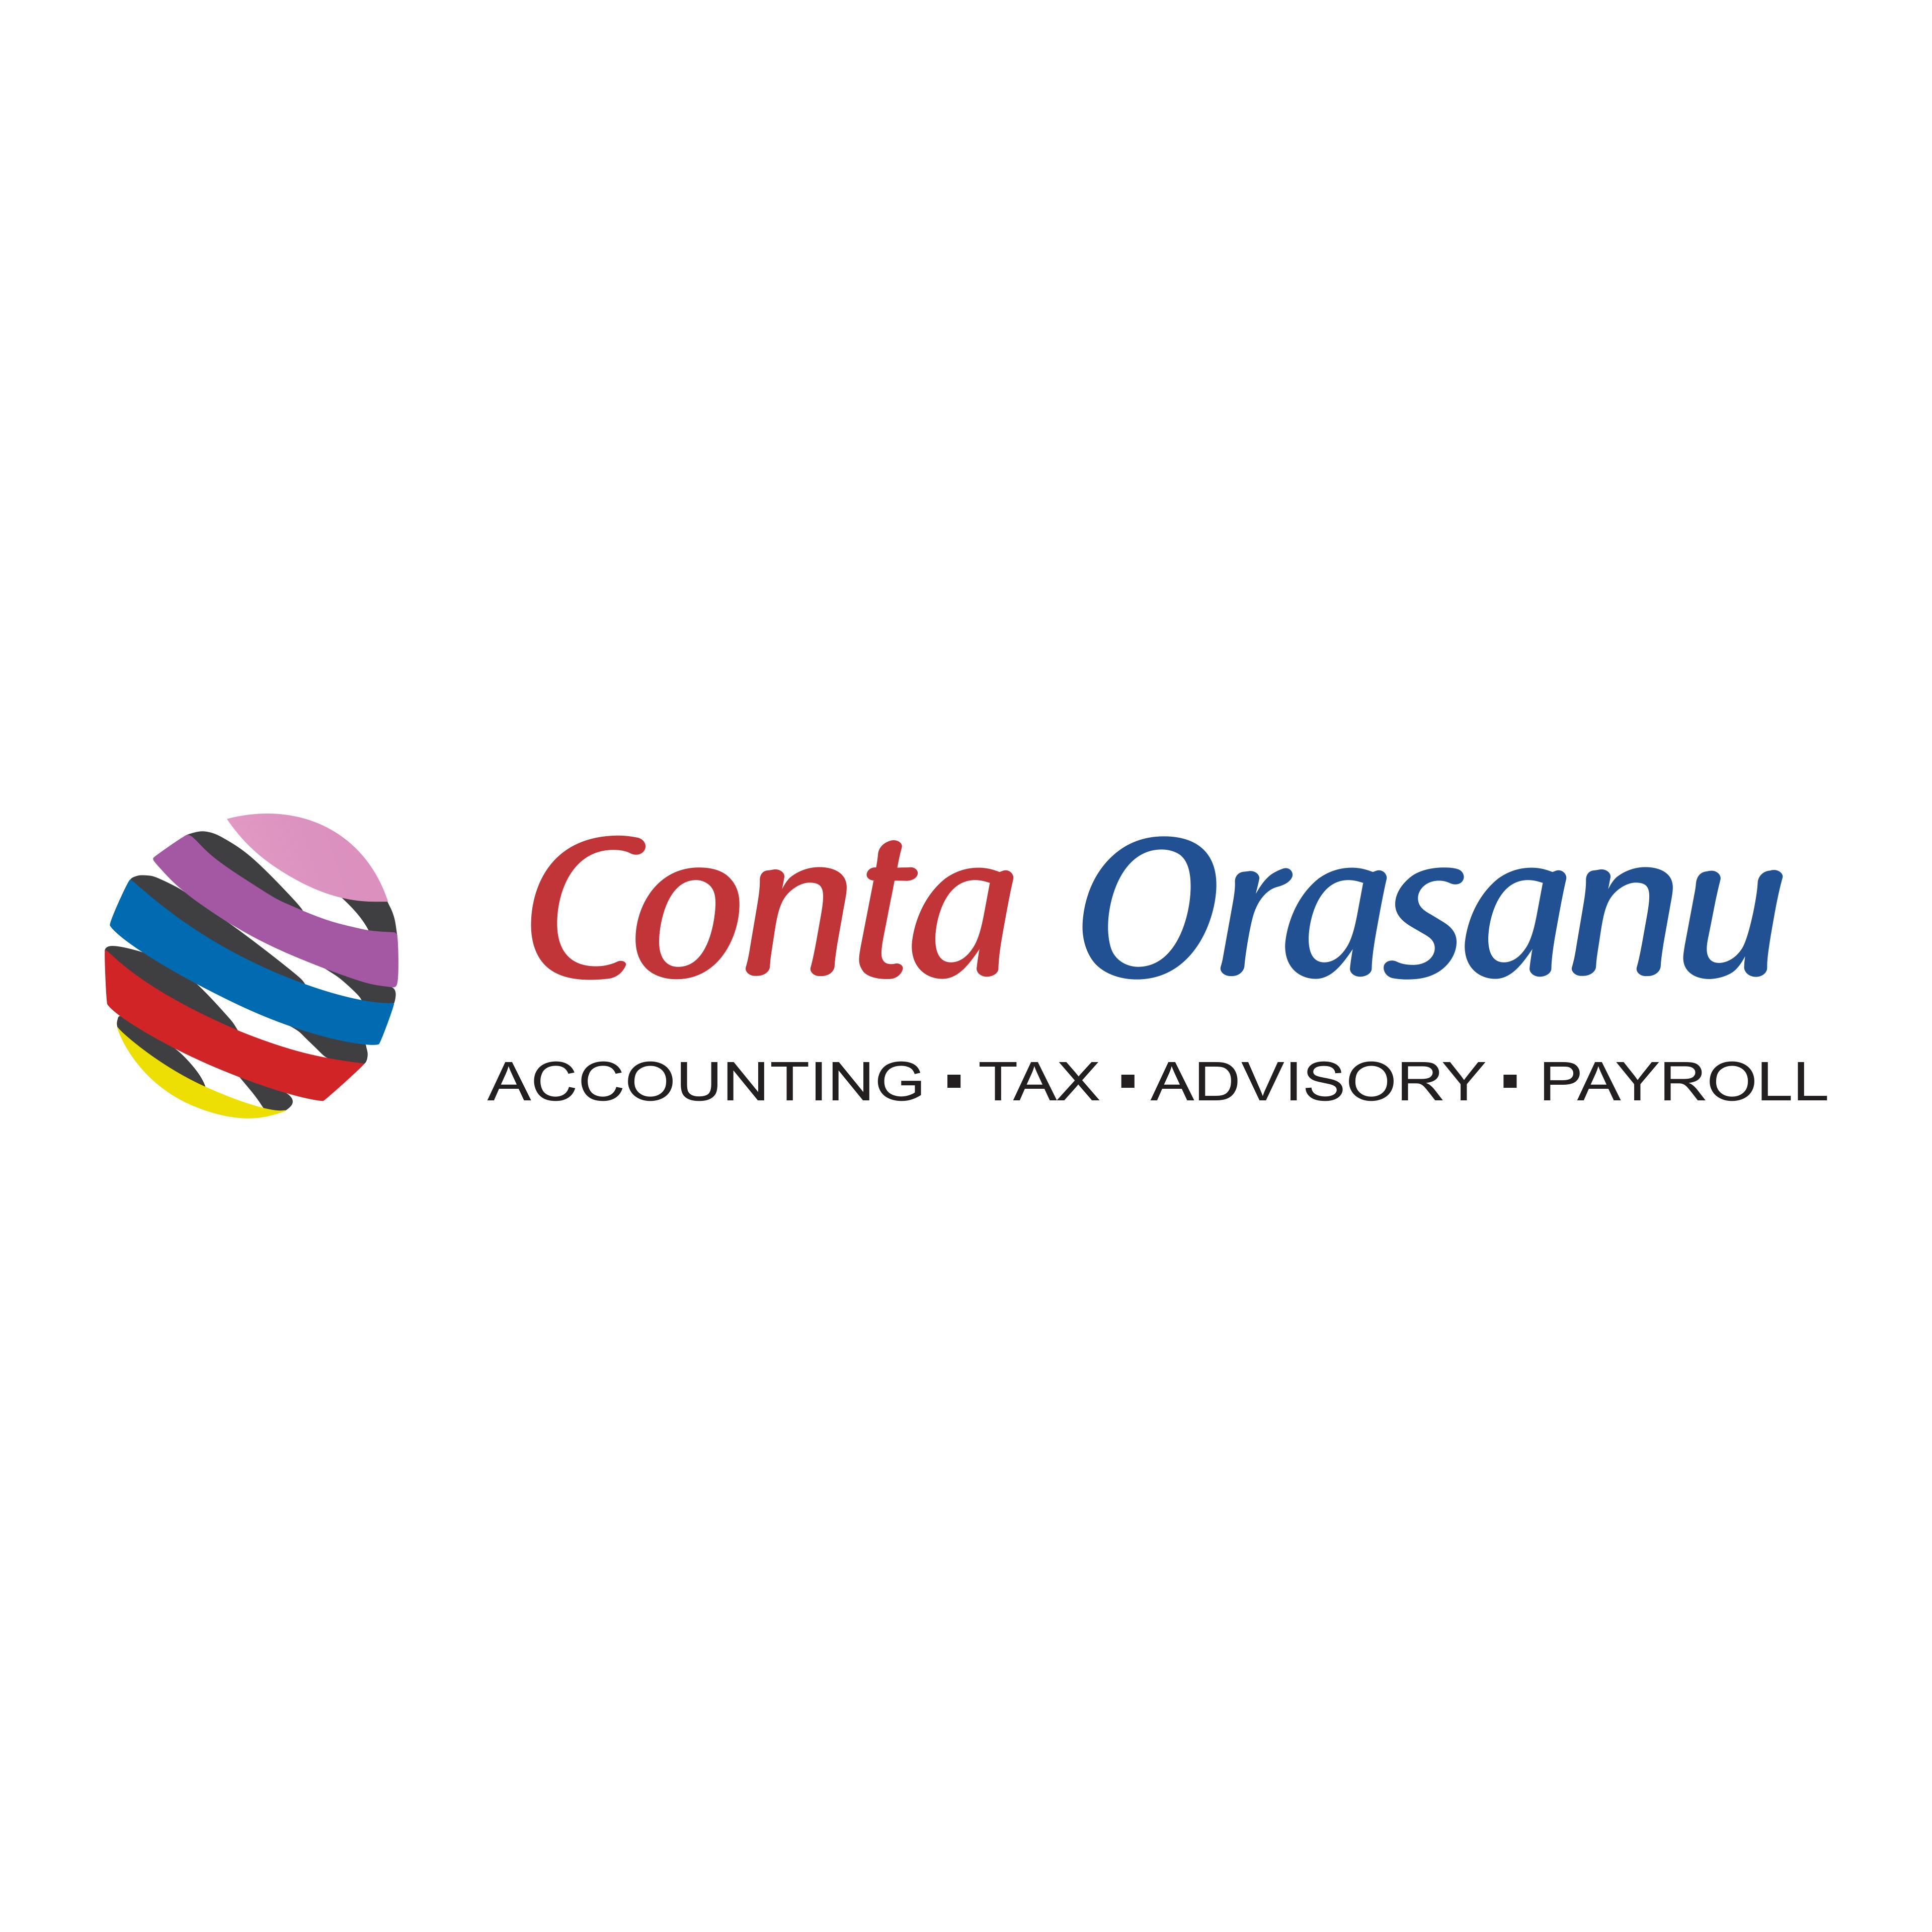 Conta Orasanu